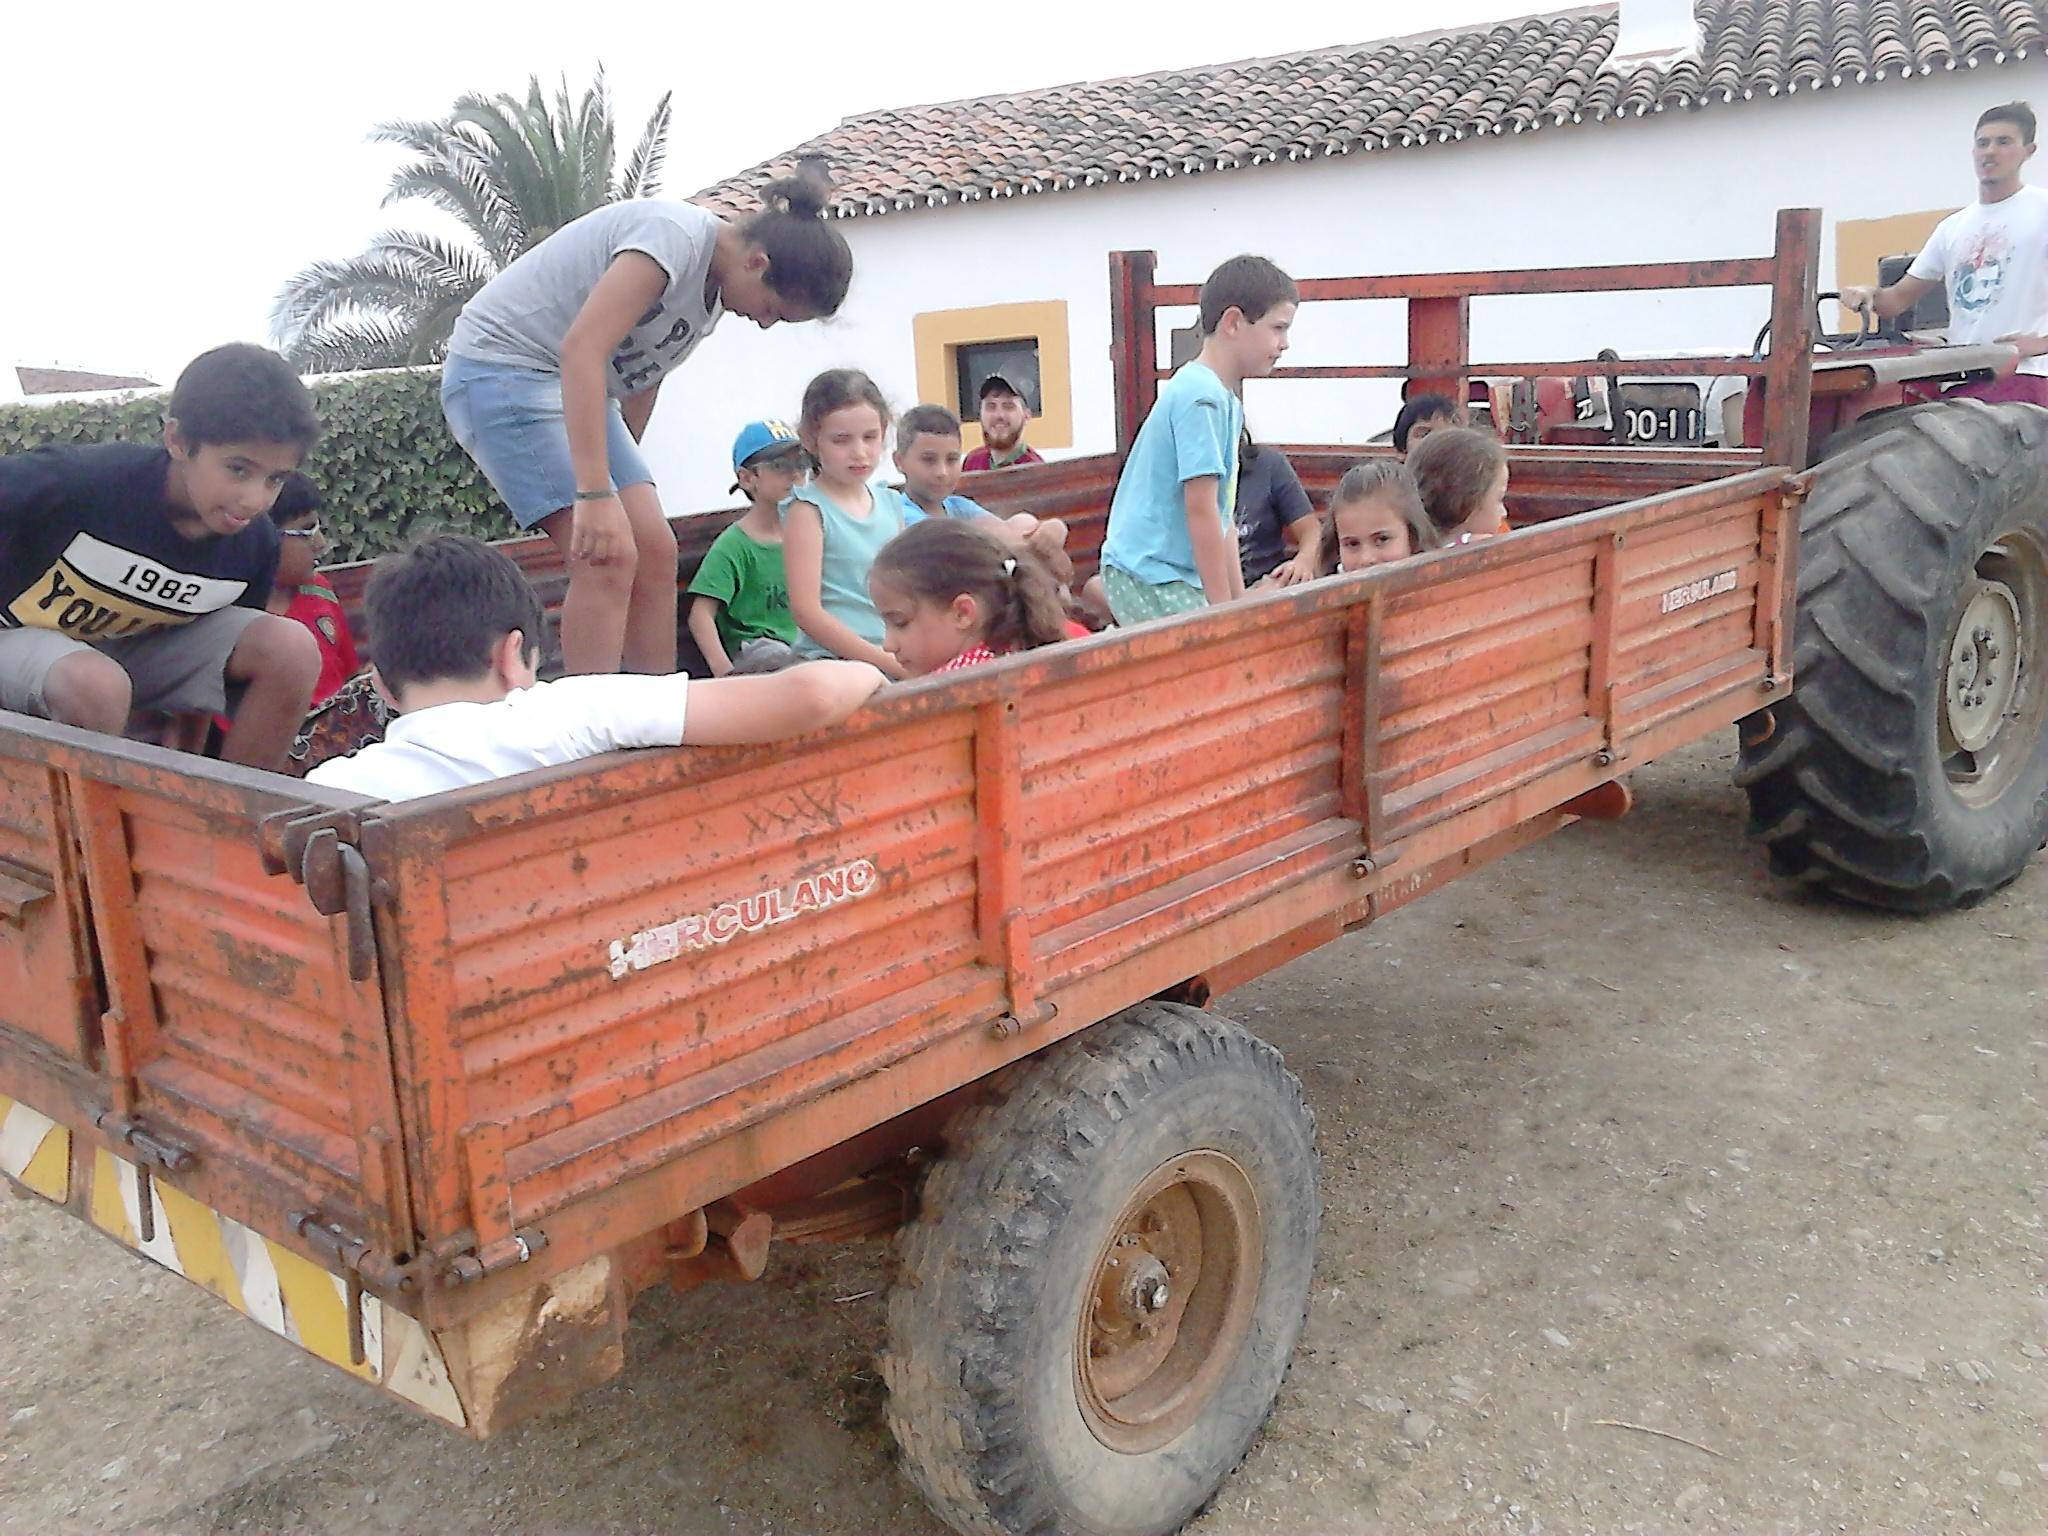 2016.07.4-10 - Campamento Niños en Portugal (8).jpg